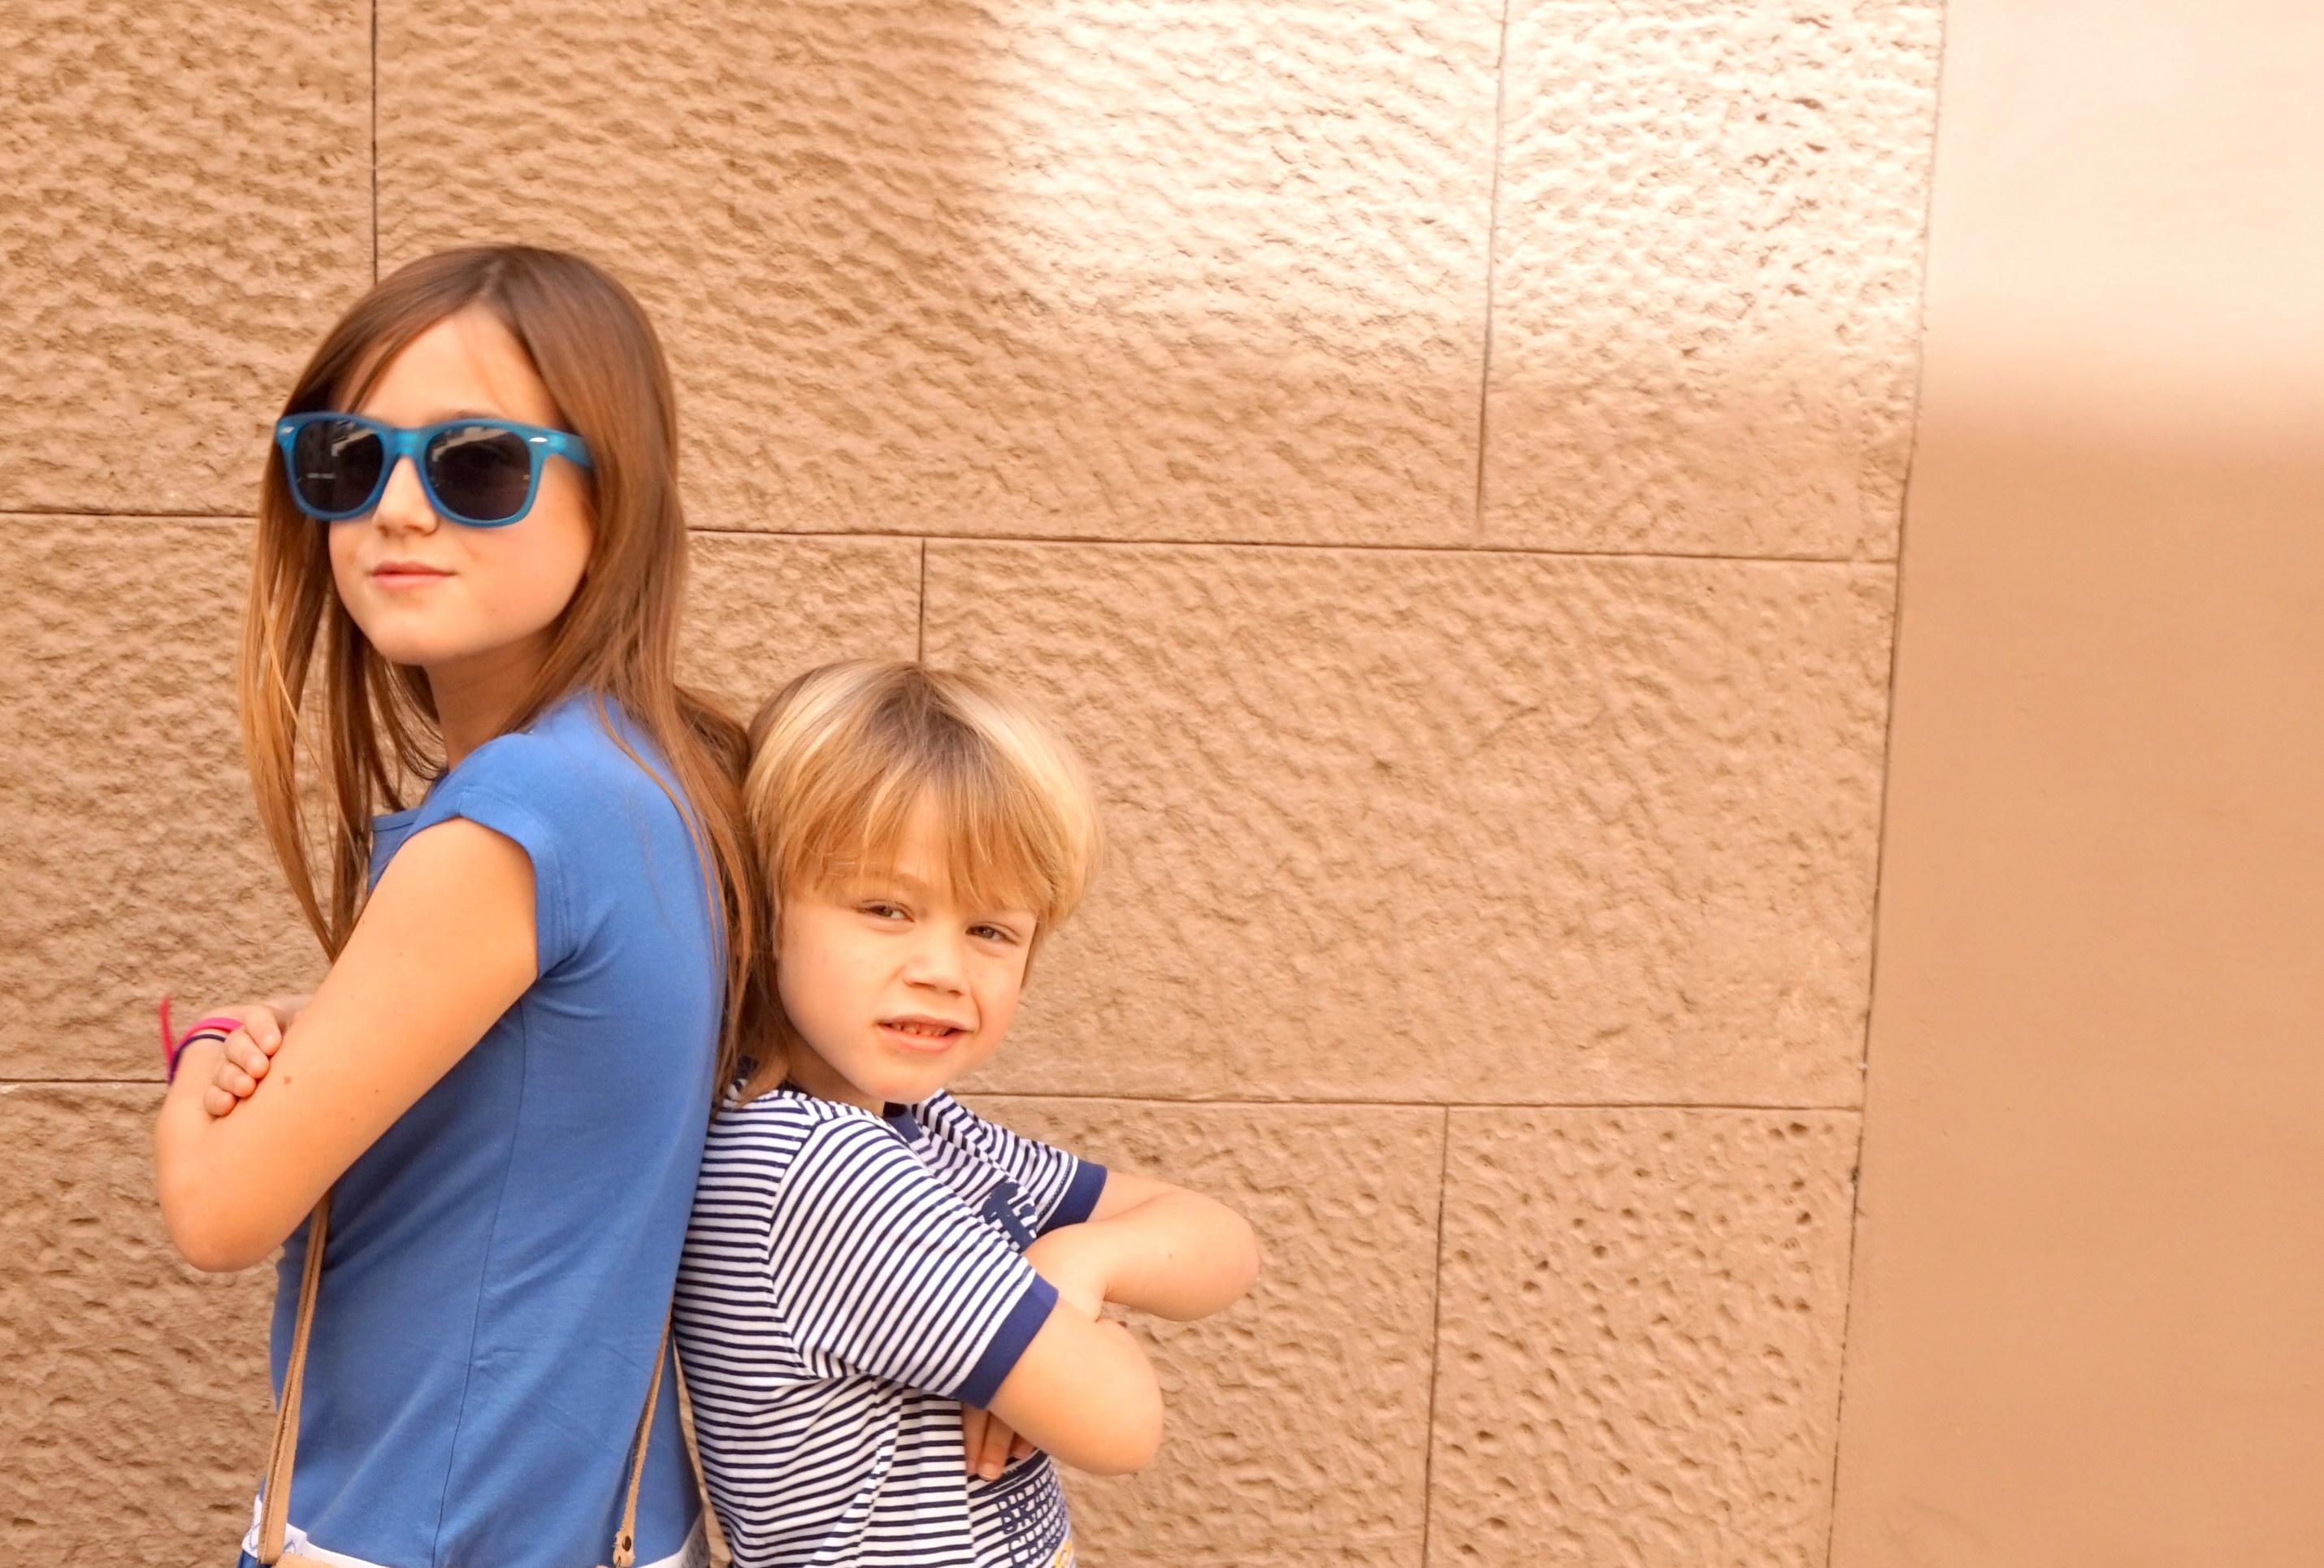 UBS2 ropa glamourosa para los niños de hoy